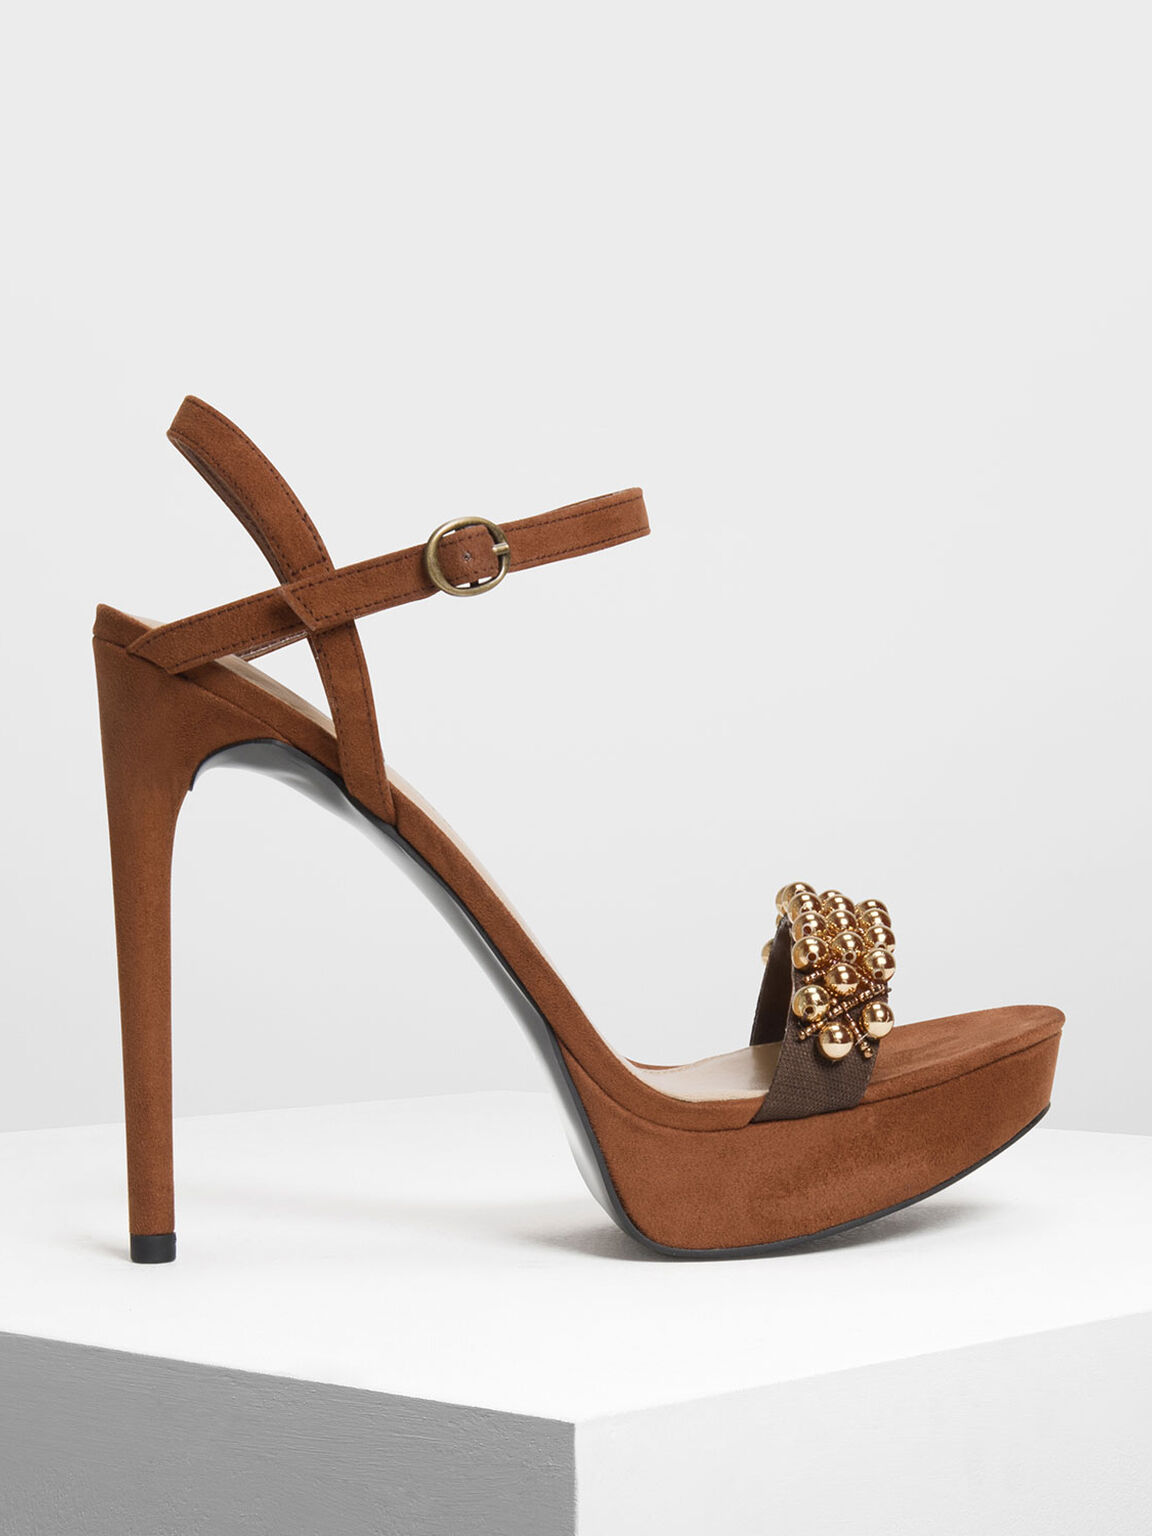 Embellished Platform Stiletto Heels, Brown, hi-res